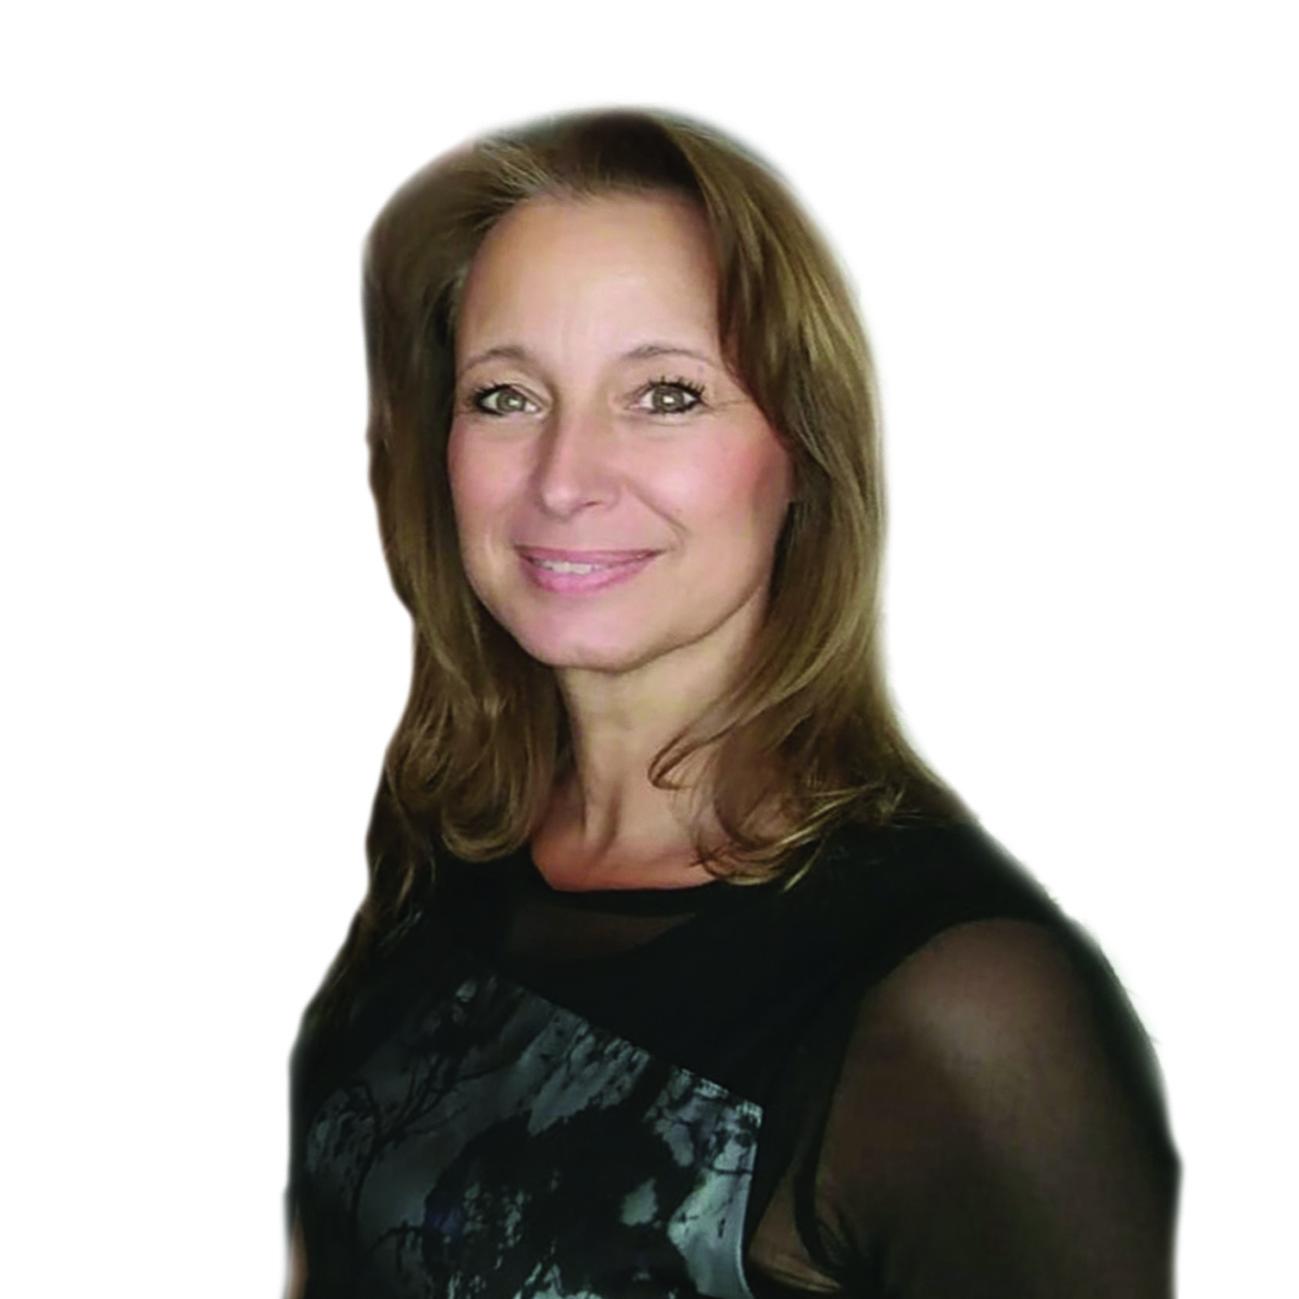 Valerie Siebenborn